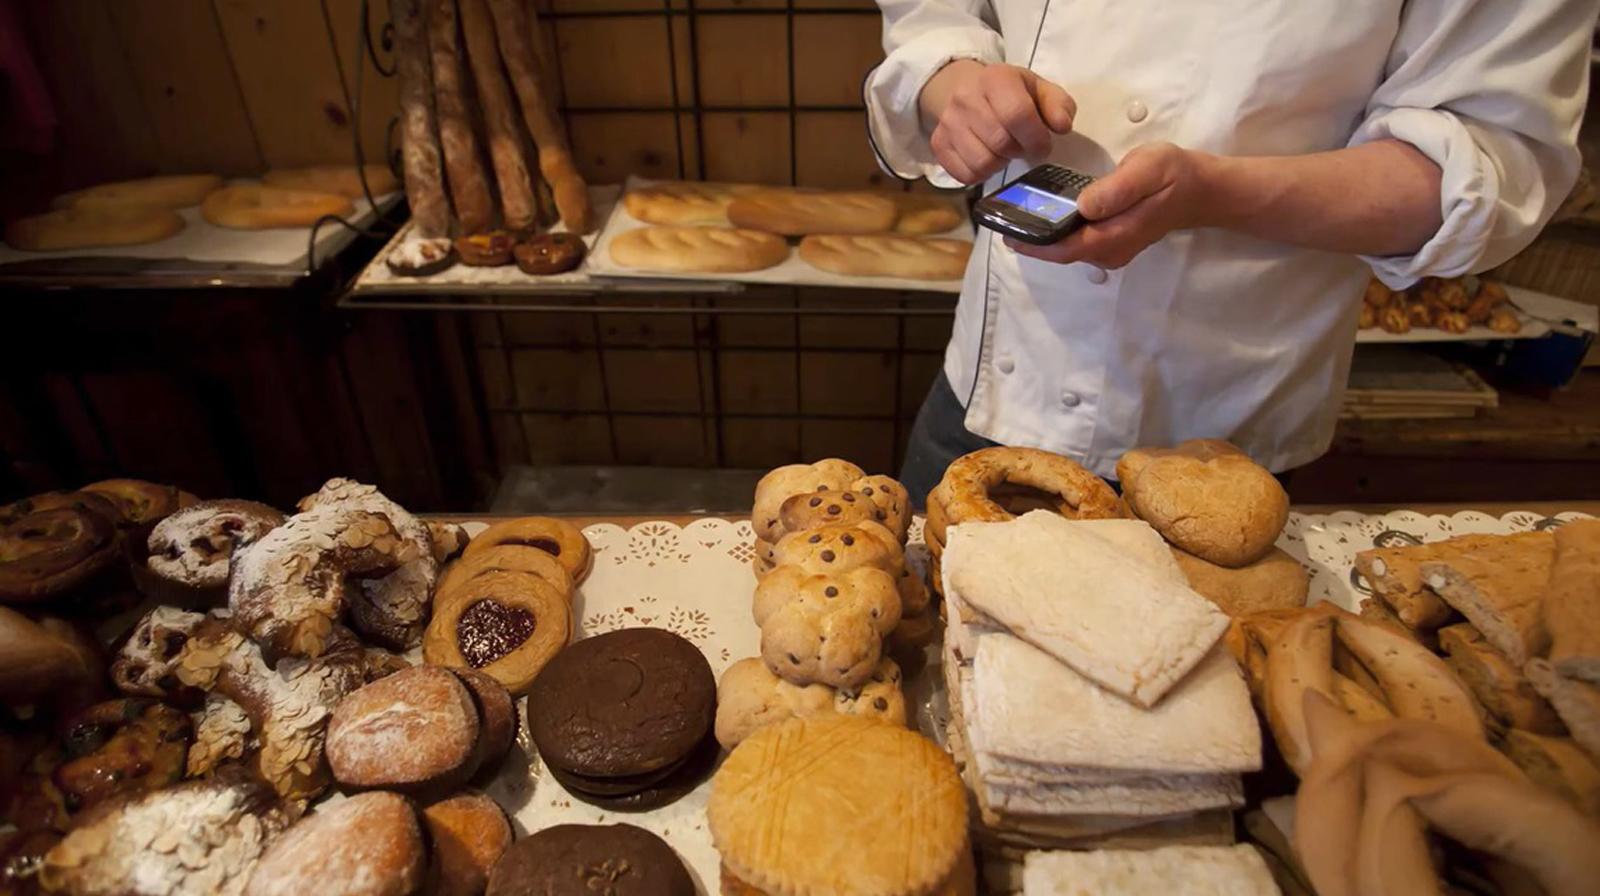 パン屋での需要予測イメージ(提供:ROX)